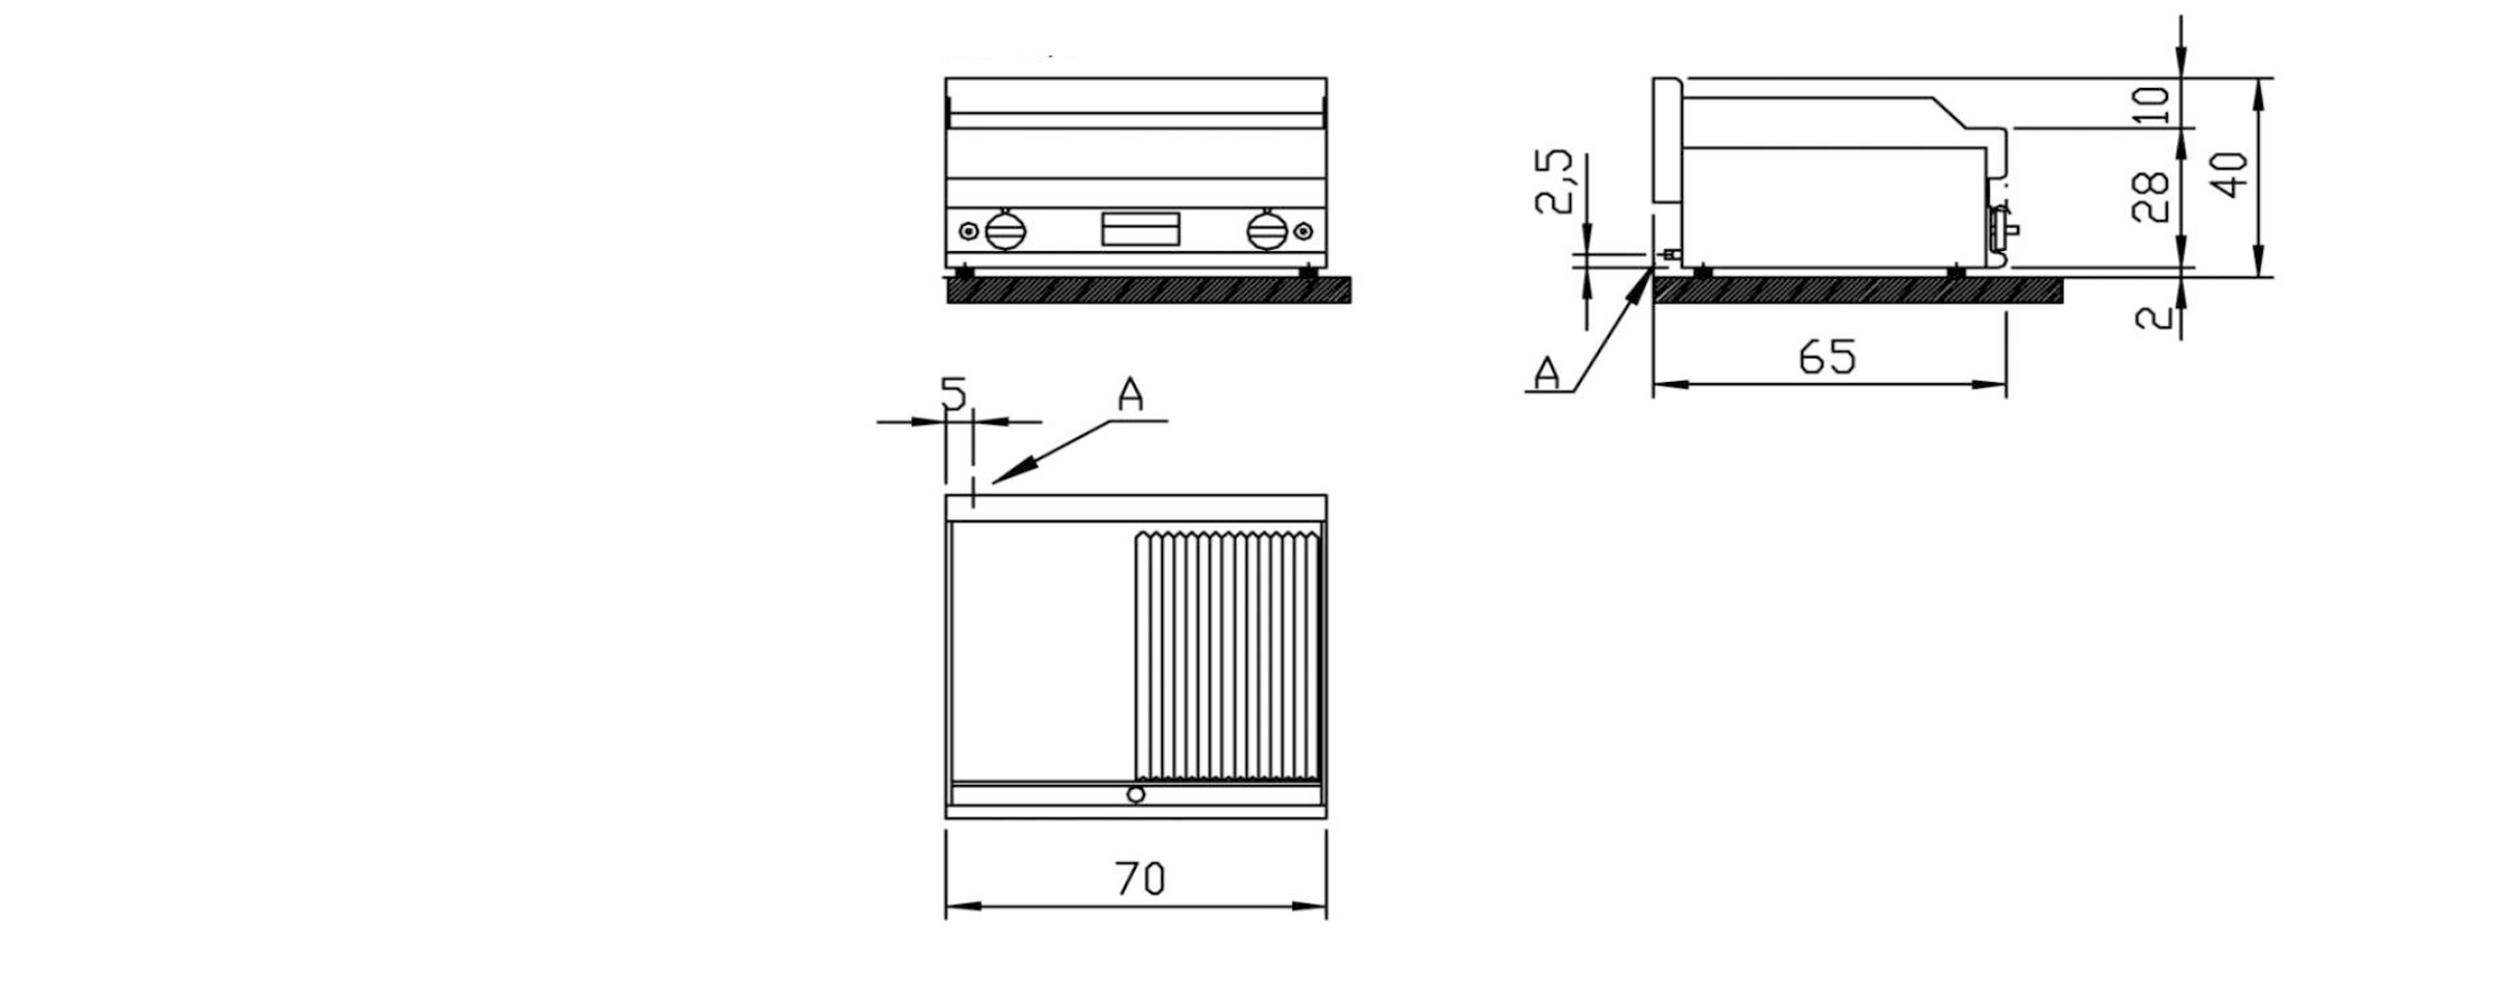 Cad technical datasheet image